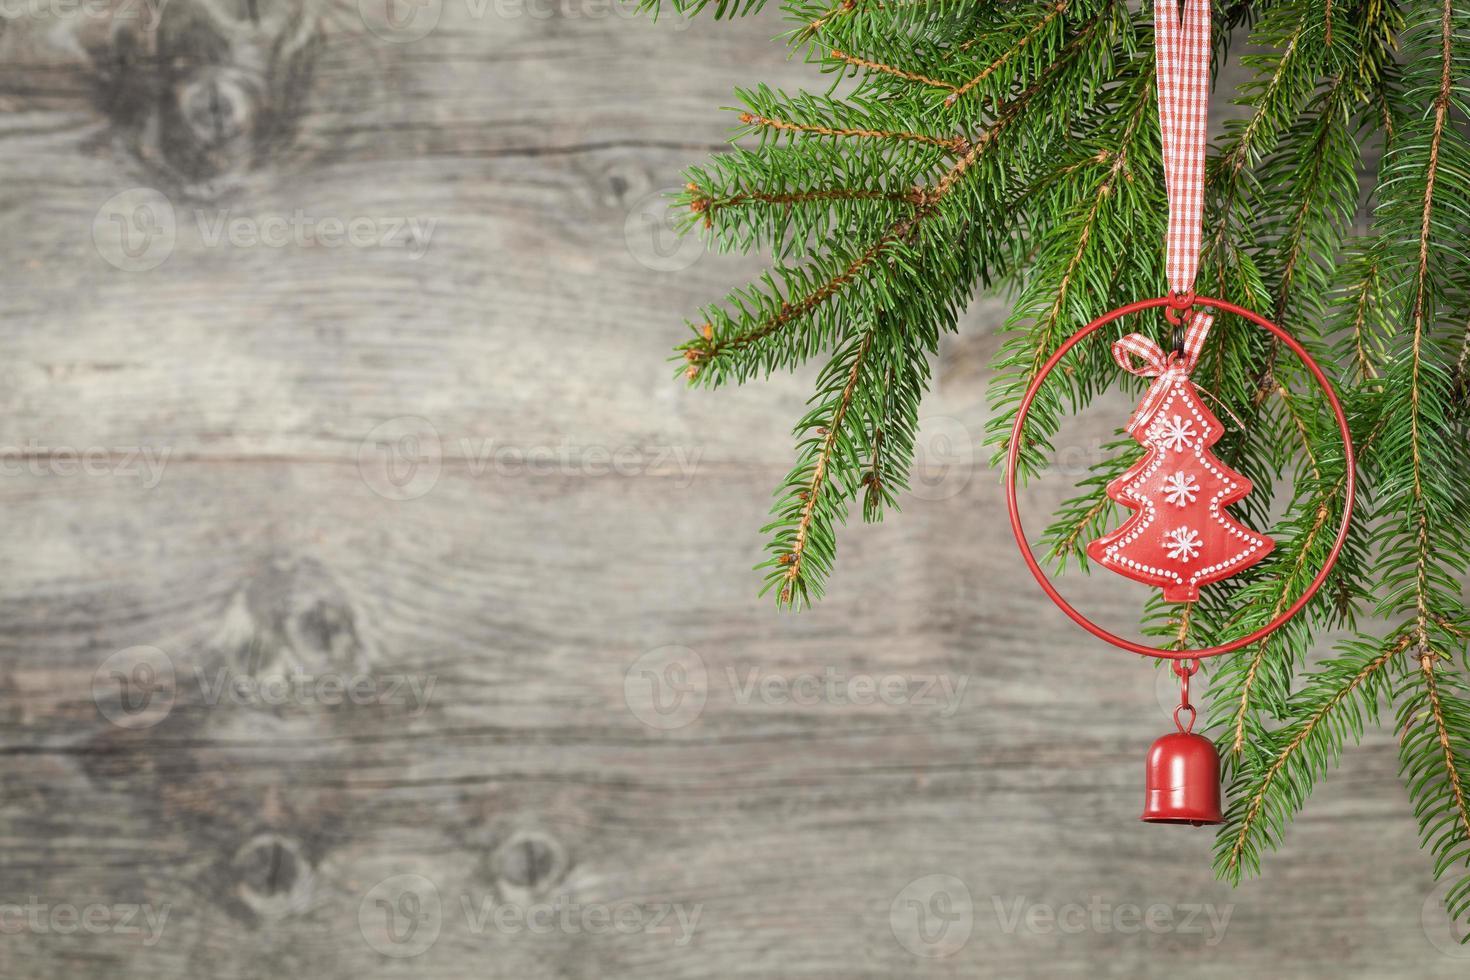 décoration de Noël sur fond en bois ancien grunge photo